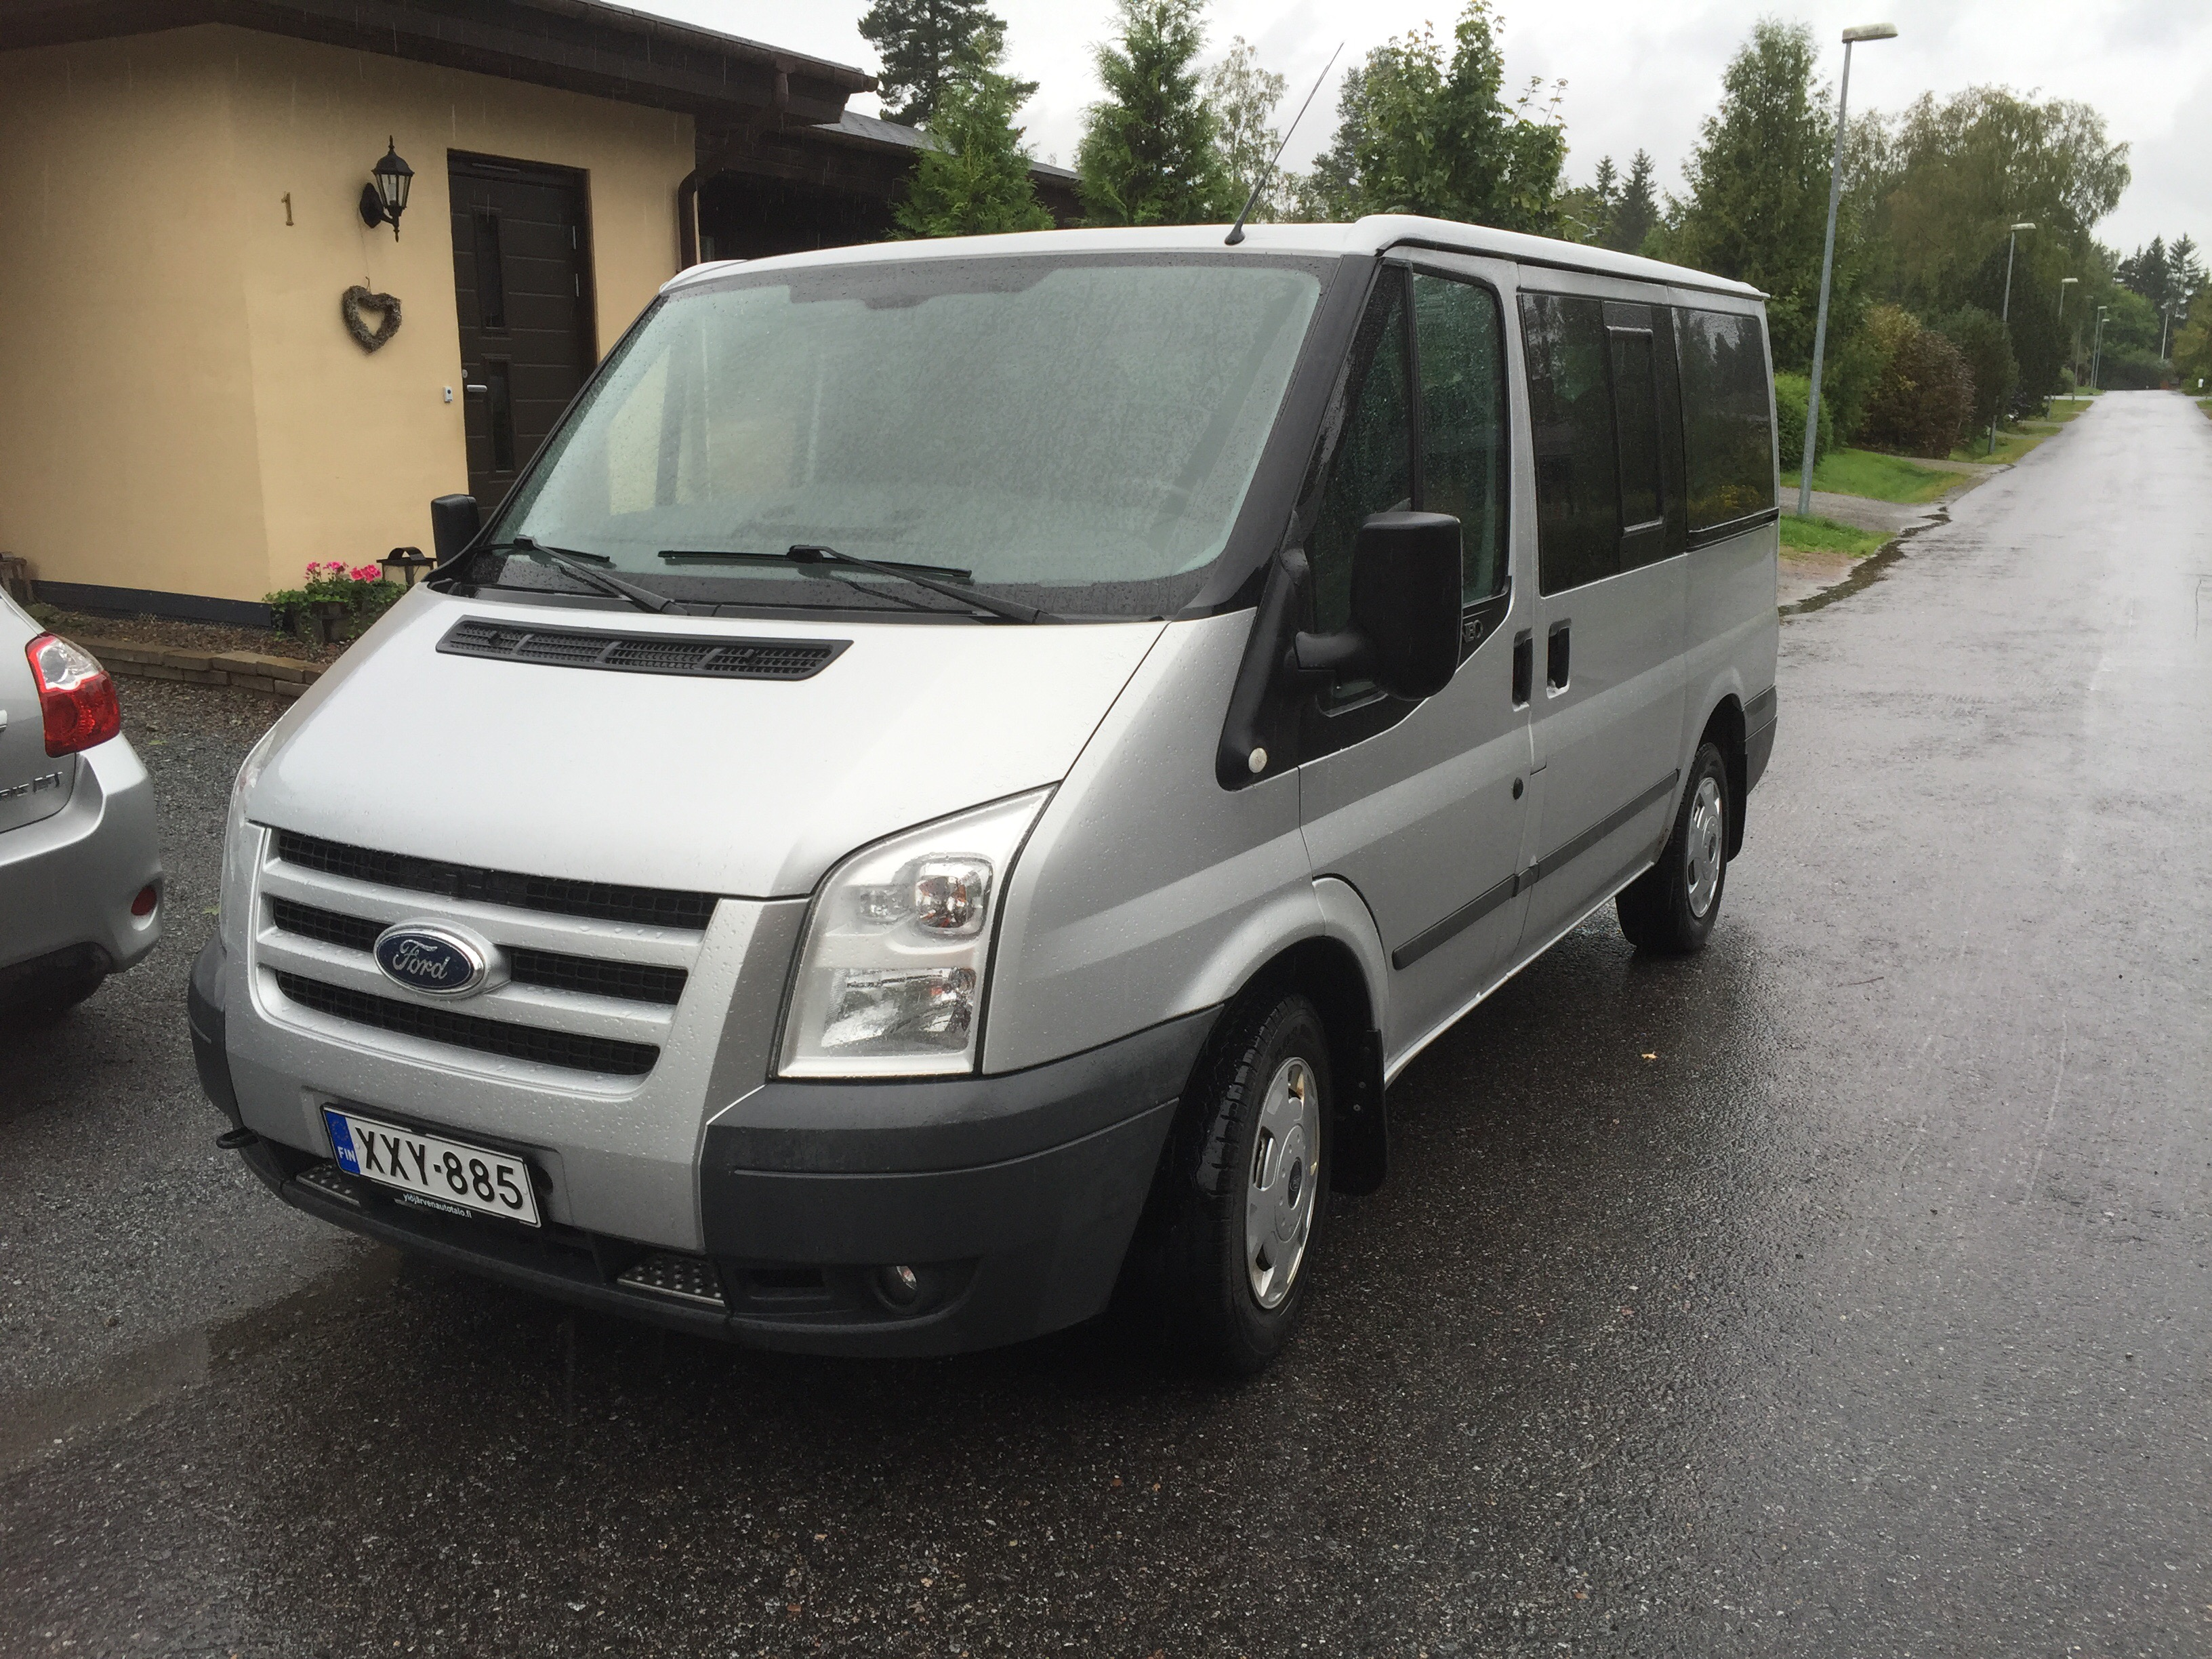 Lisää minibusseja vuokraukseen tuttuun edulliseen hintaan 99€/pv – HUOM! urheiluseuroille -20% alennus